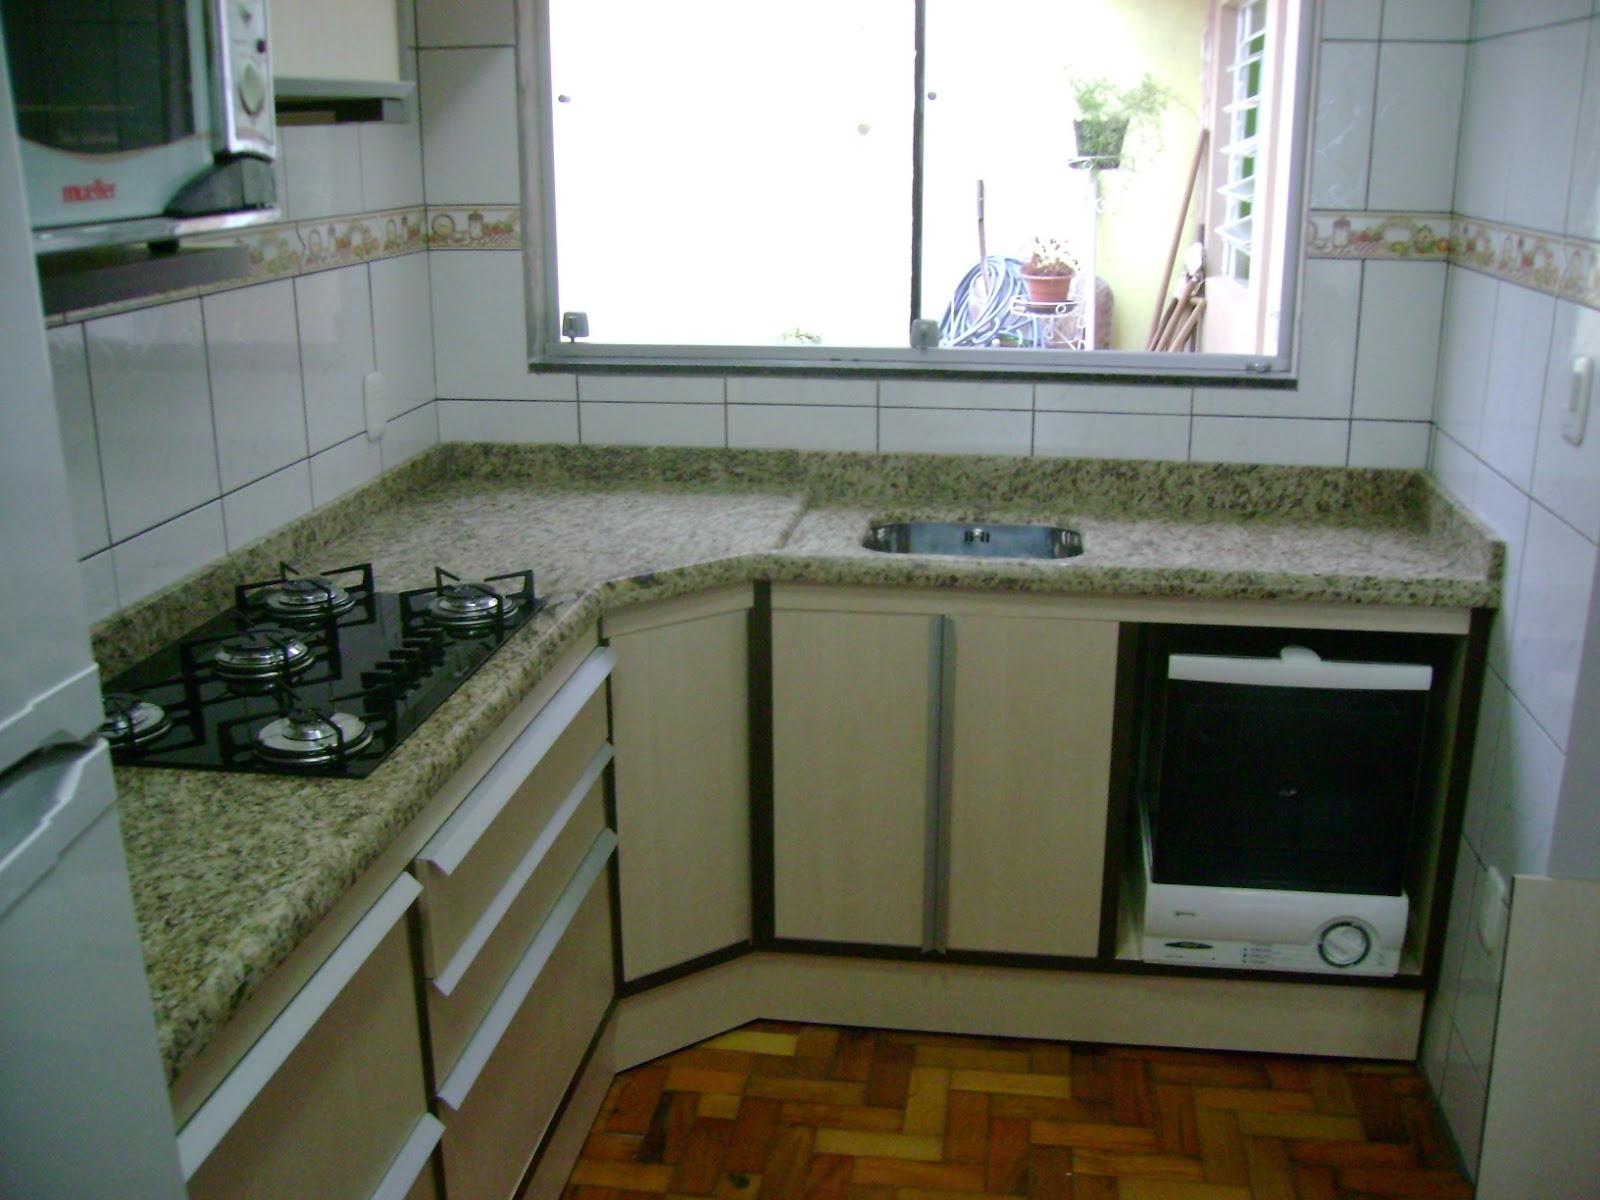 GRANITO ORNAMENTAL ESCURO ORNAMENTAL CLARO E BRANCO FORTALEZA #5B461E 1600x1200 Banheiro Com Granito Ornamental